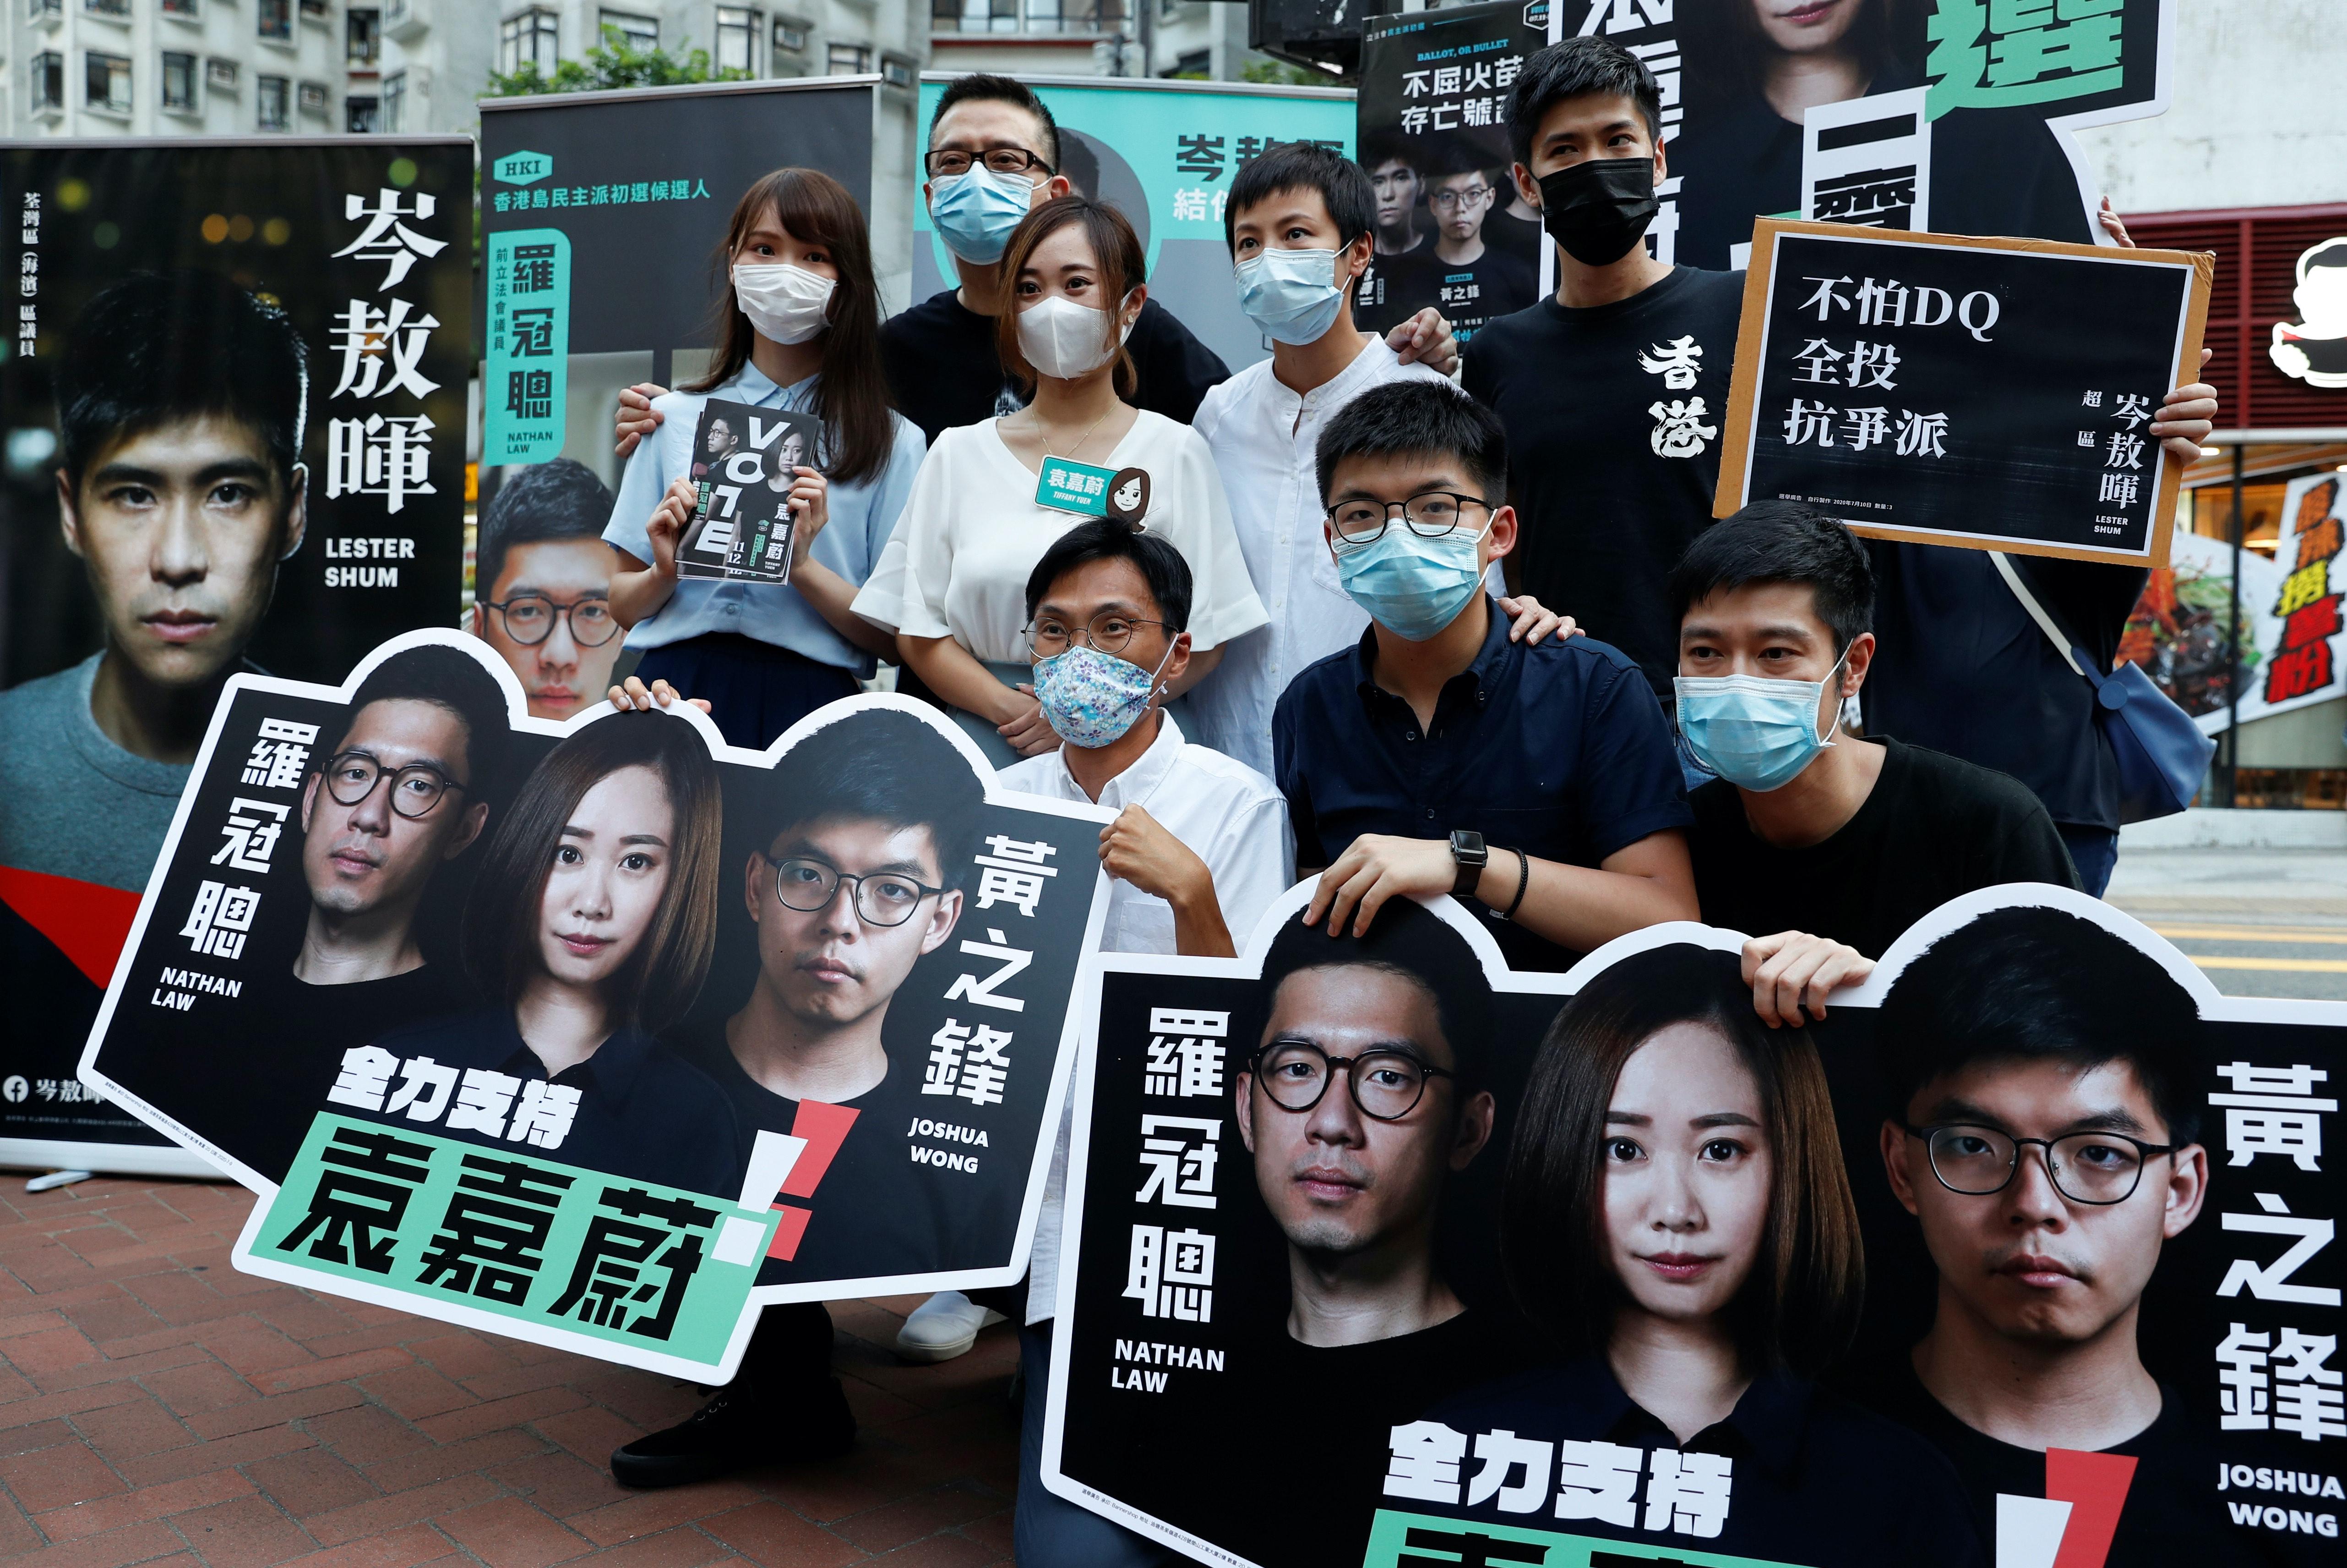 Hong Kong candidates